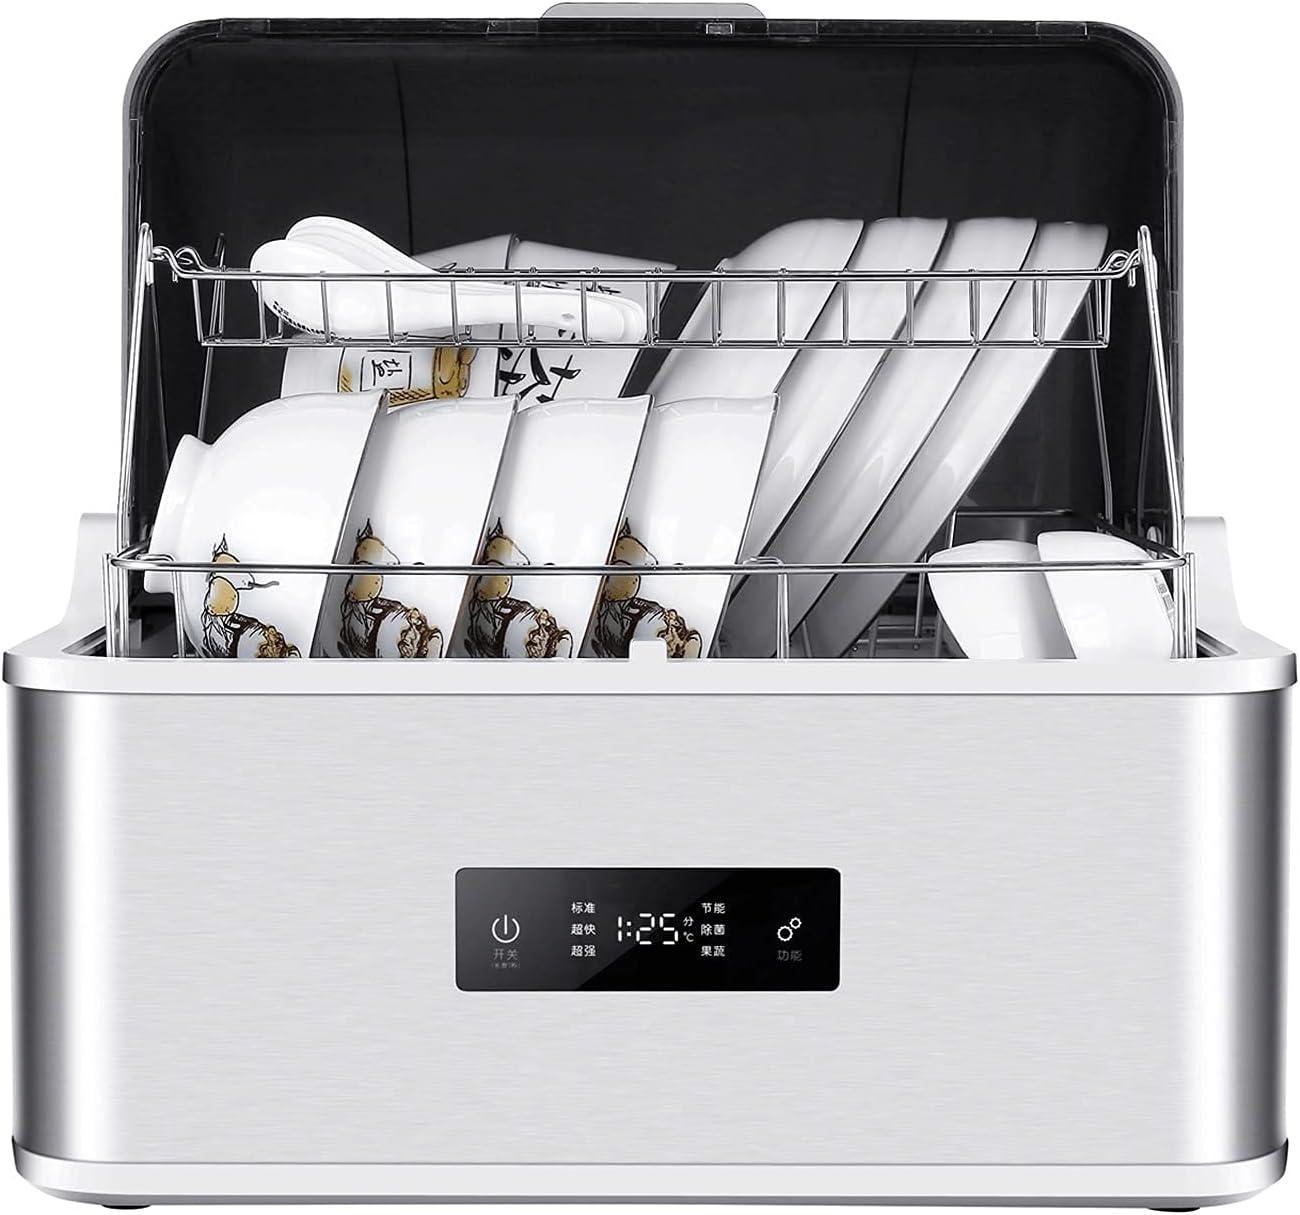 MOSHUO Lavavajillas de encimera, lavavajillas automático de encimera, Mini lavavajillas, Lavadora portátil para Platos de Frutas y Verduras, 5 programas, Tanque de Agua Incorporado de 6 litros